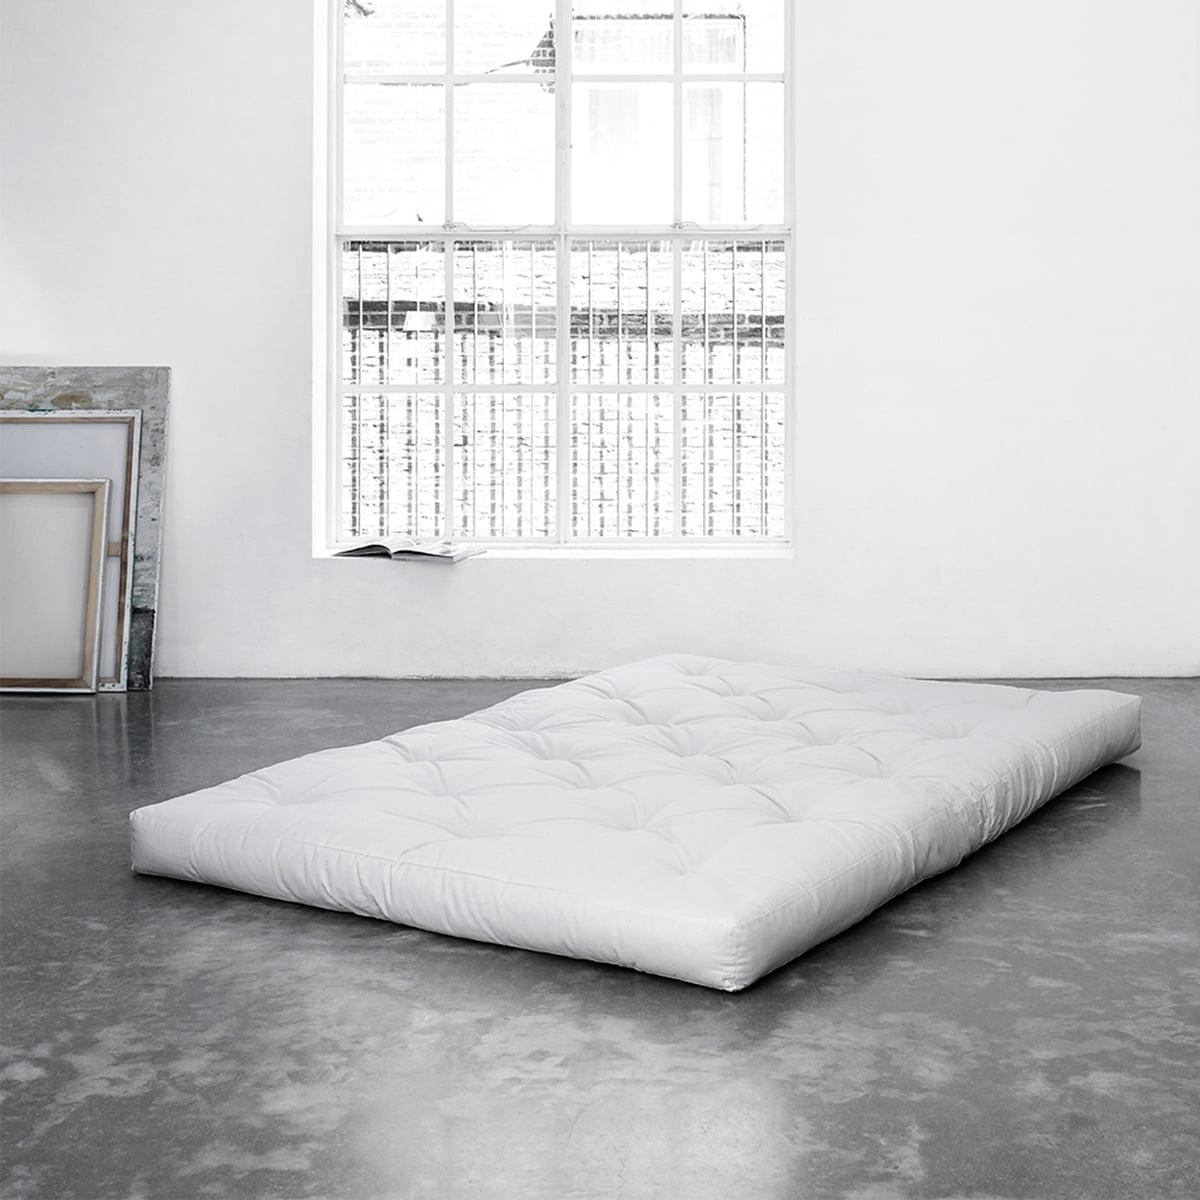 matelas futon de karup boutique connox. Black Bedroom Furniture Sets. Home Design Ideas